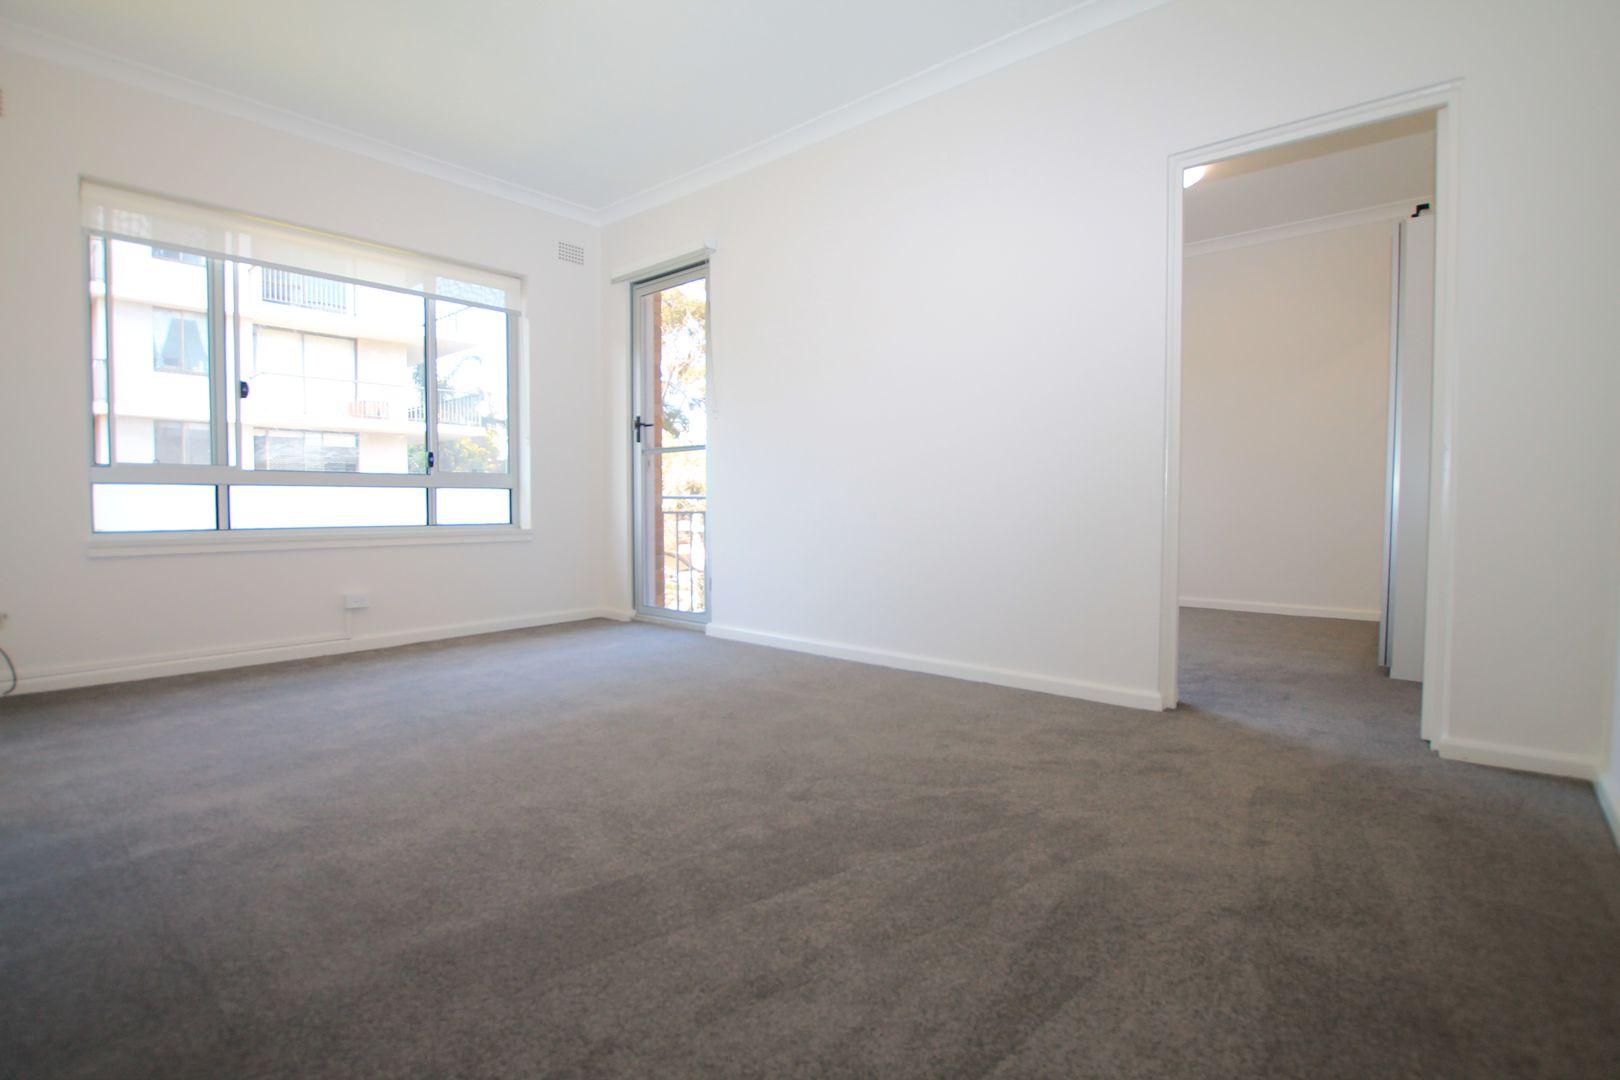 13/65 Penkivil Street, Bondi NSW 2026, Image 0